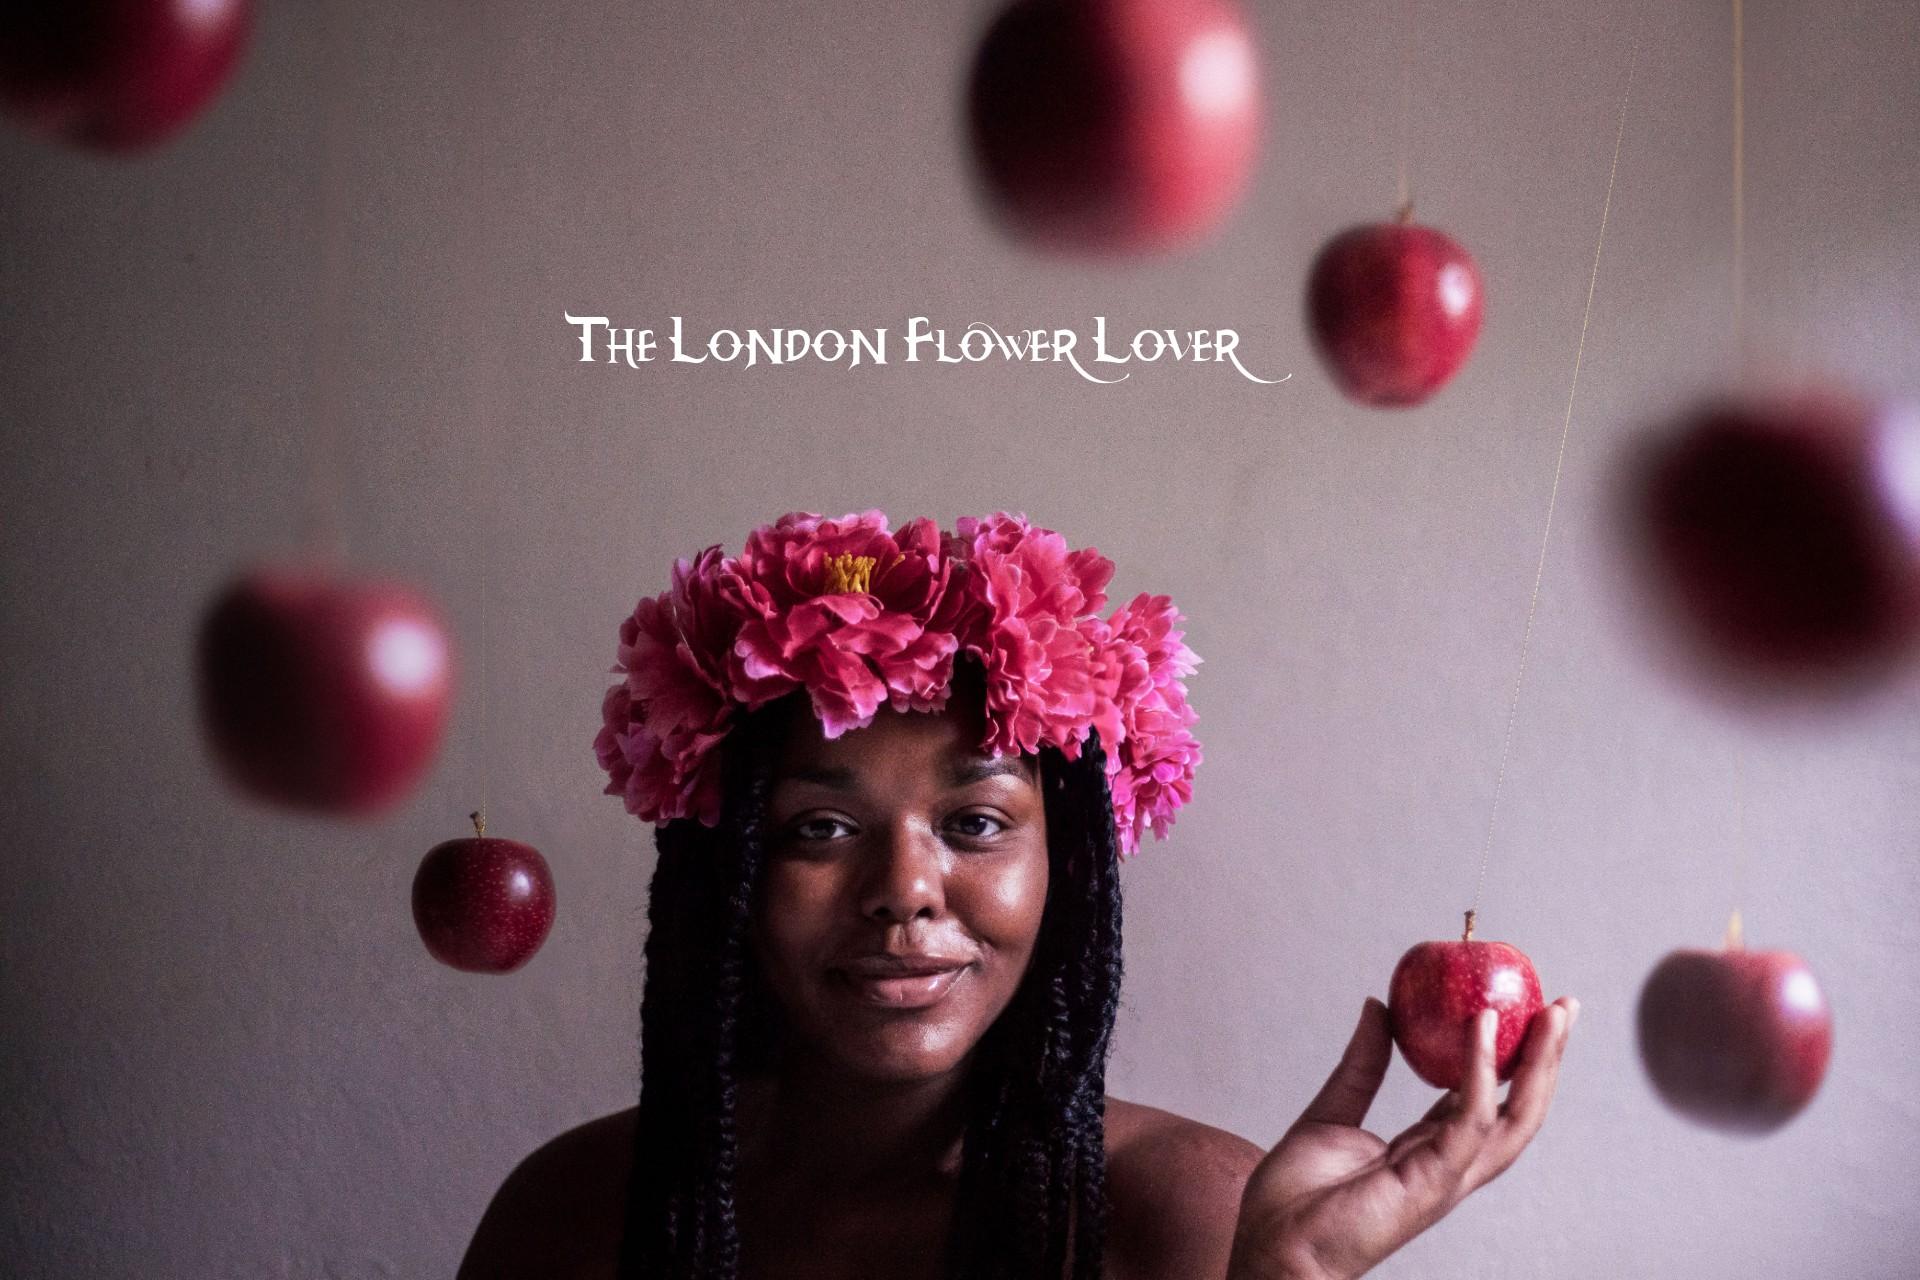 The London Flower Lover (6)